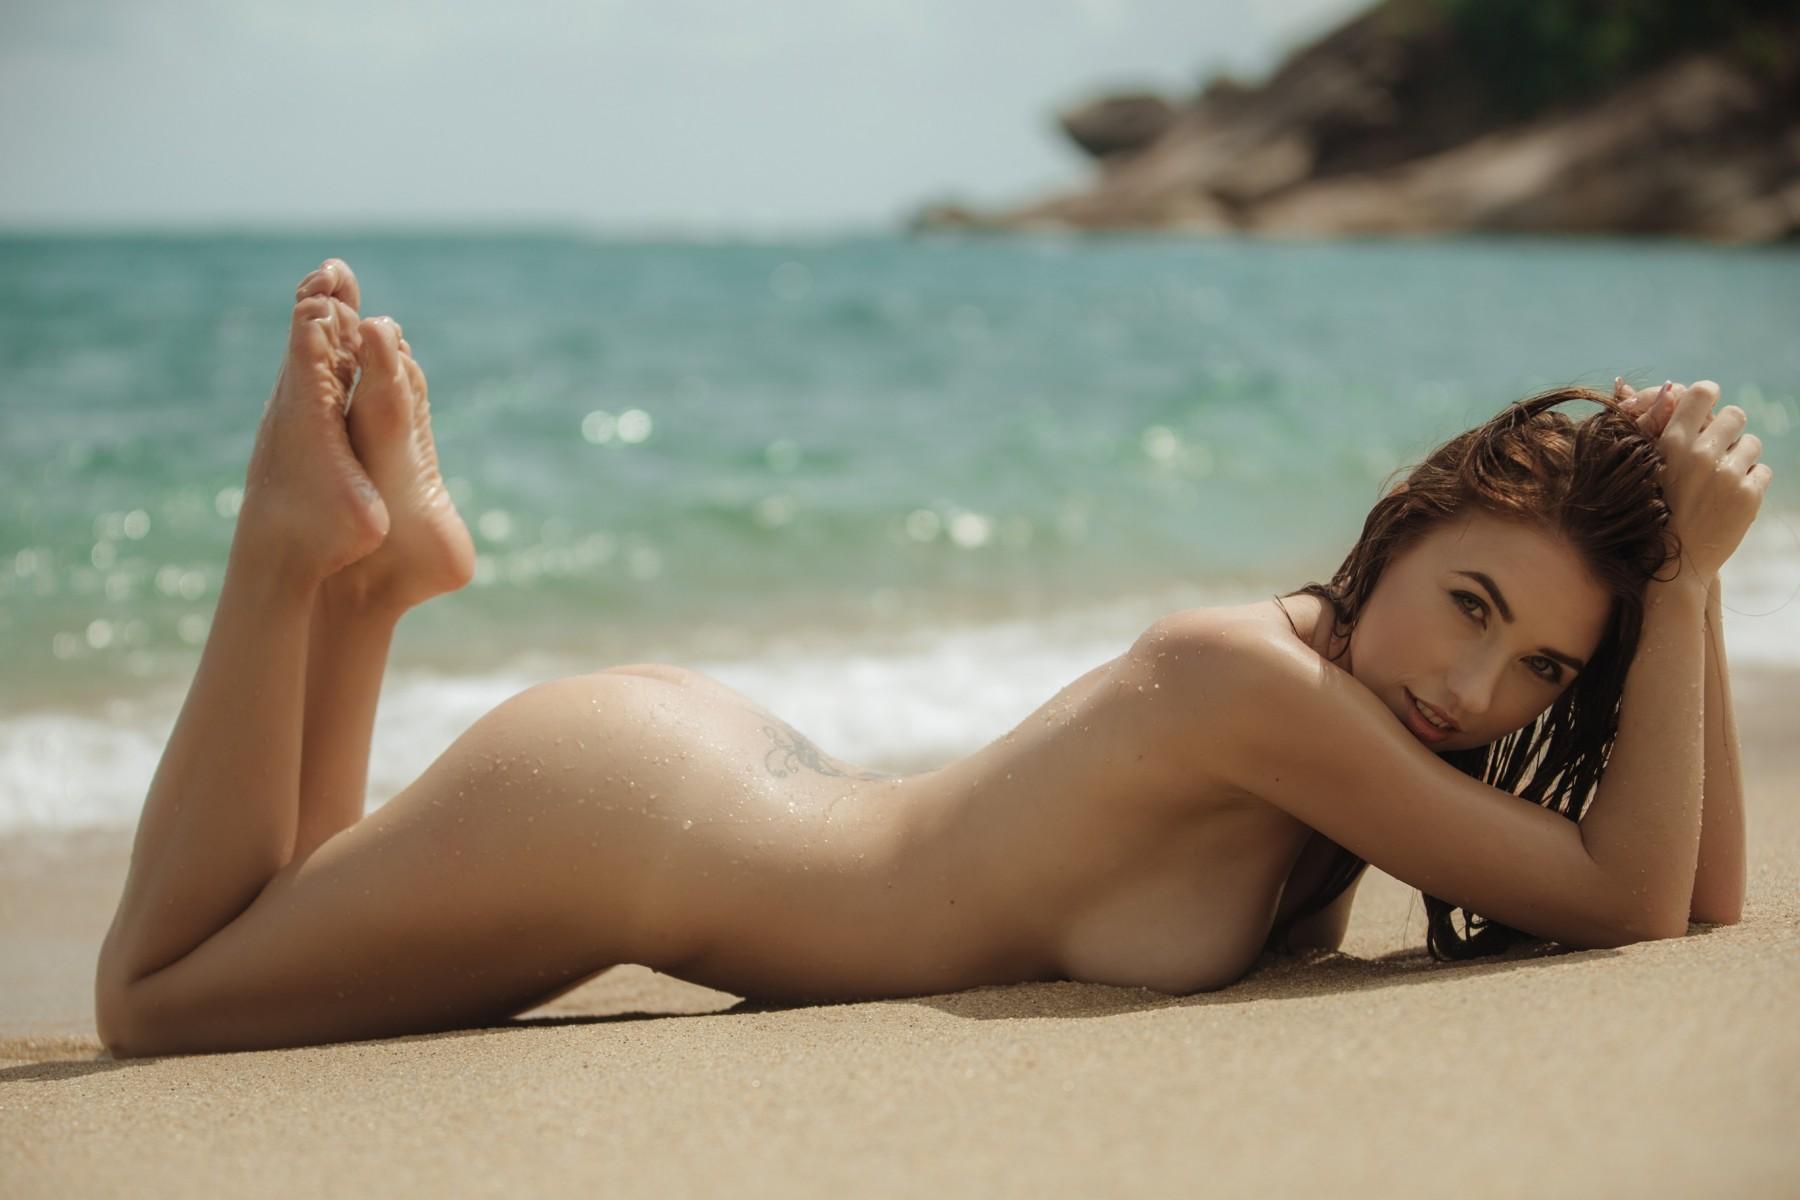 красивая эротика из пляжа чтобы оно было